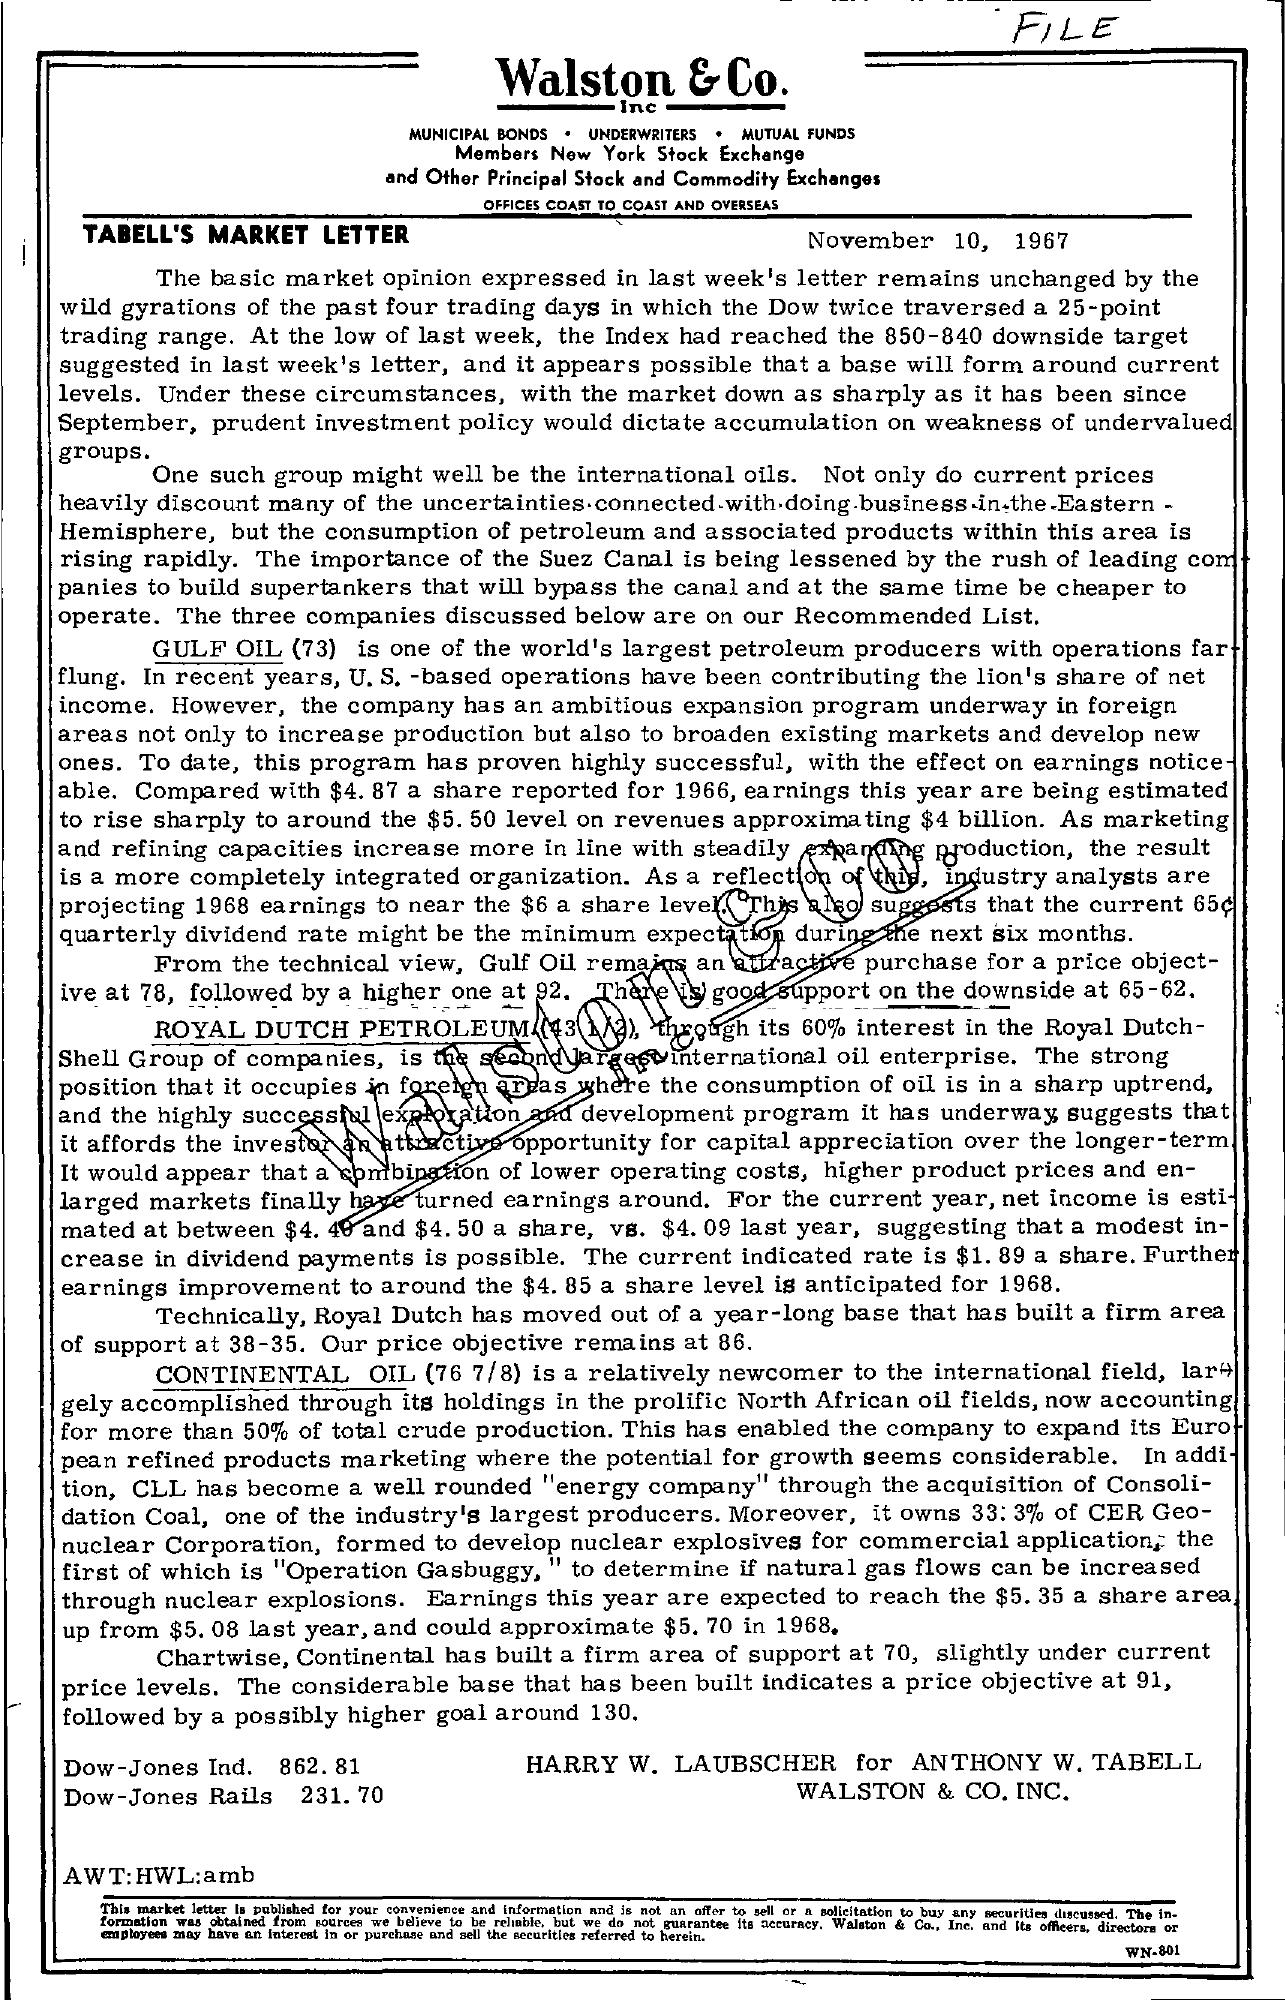 Tabell's Market Letter - November 10, 1967